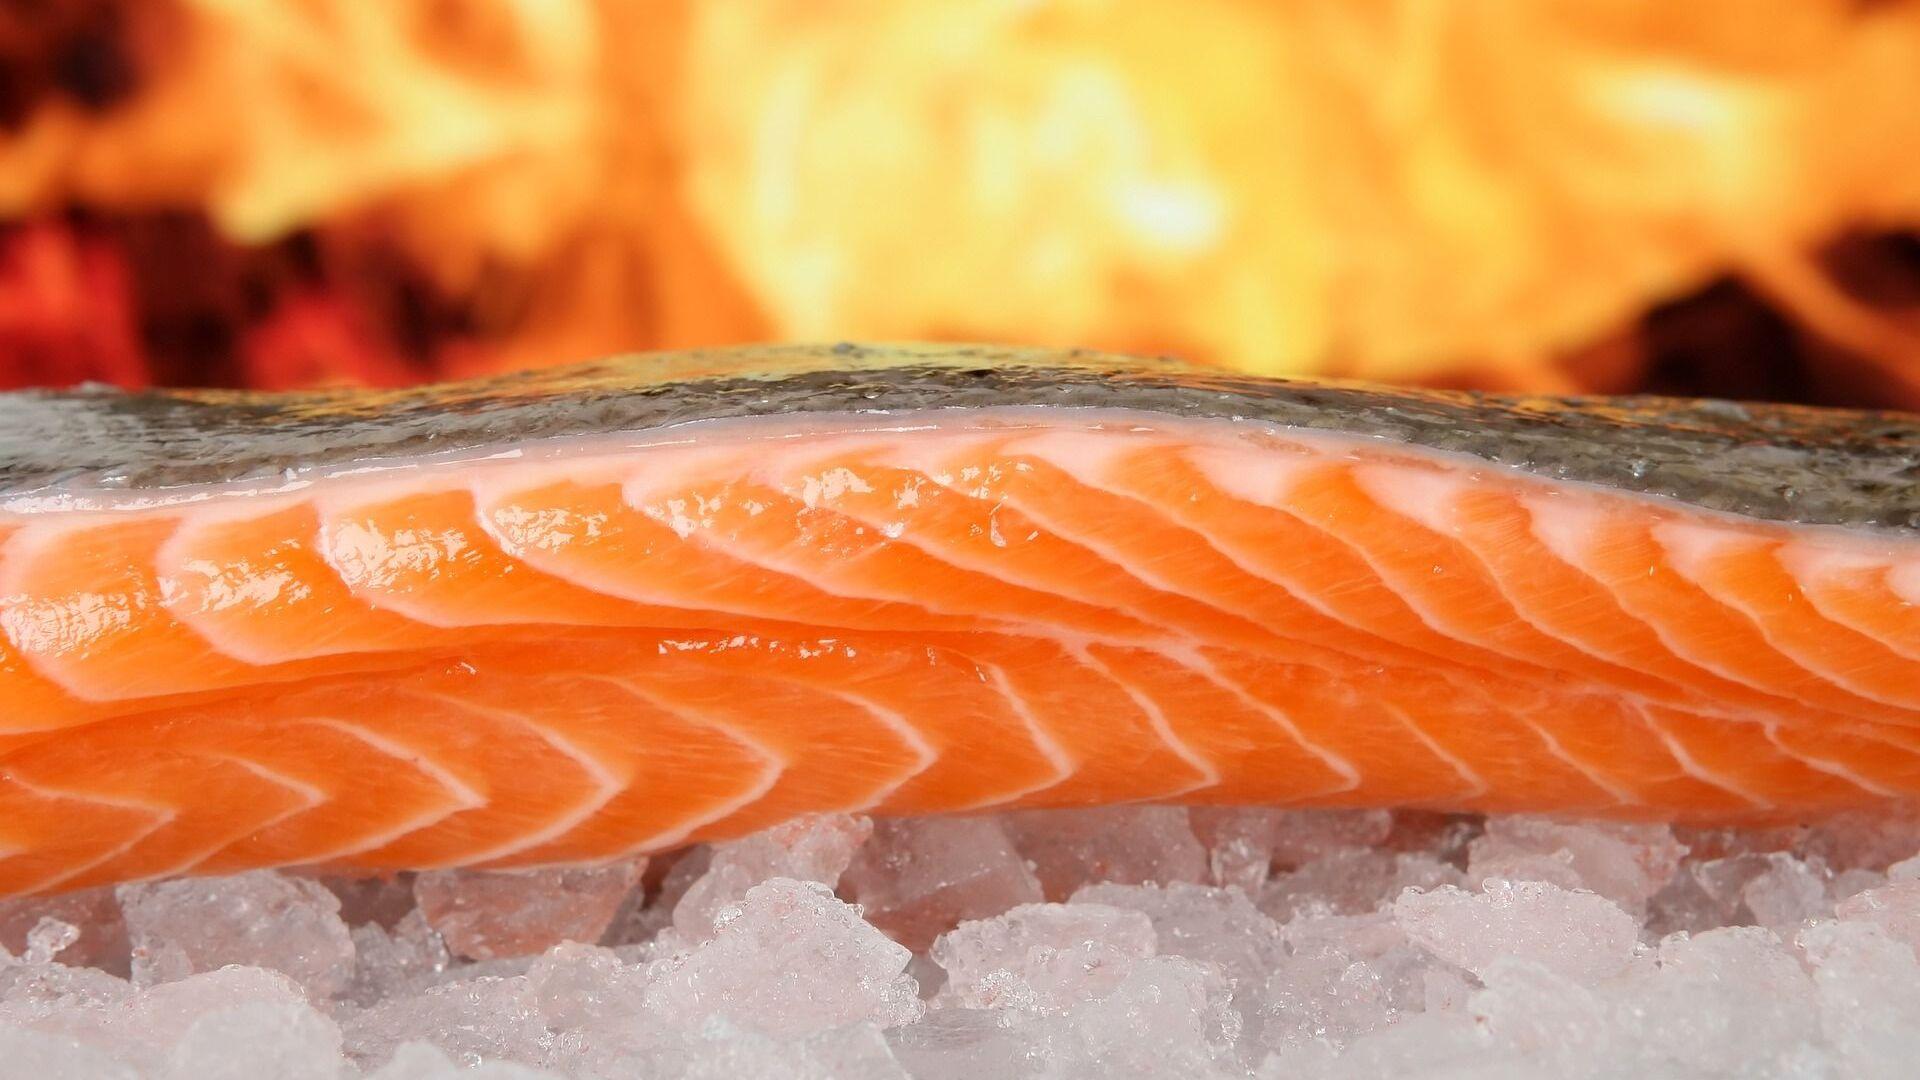 Un salmón utilizado para la gastronomía - Sputnik Mundo, 1920, 14.04.2021